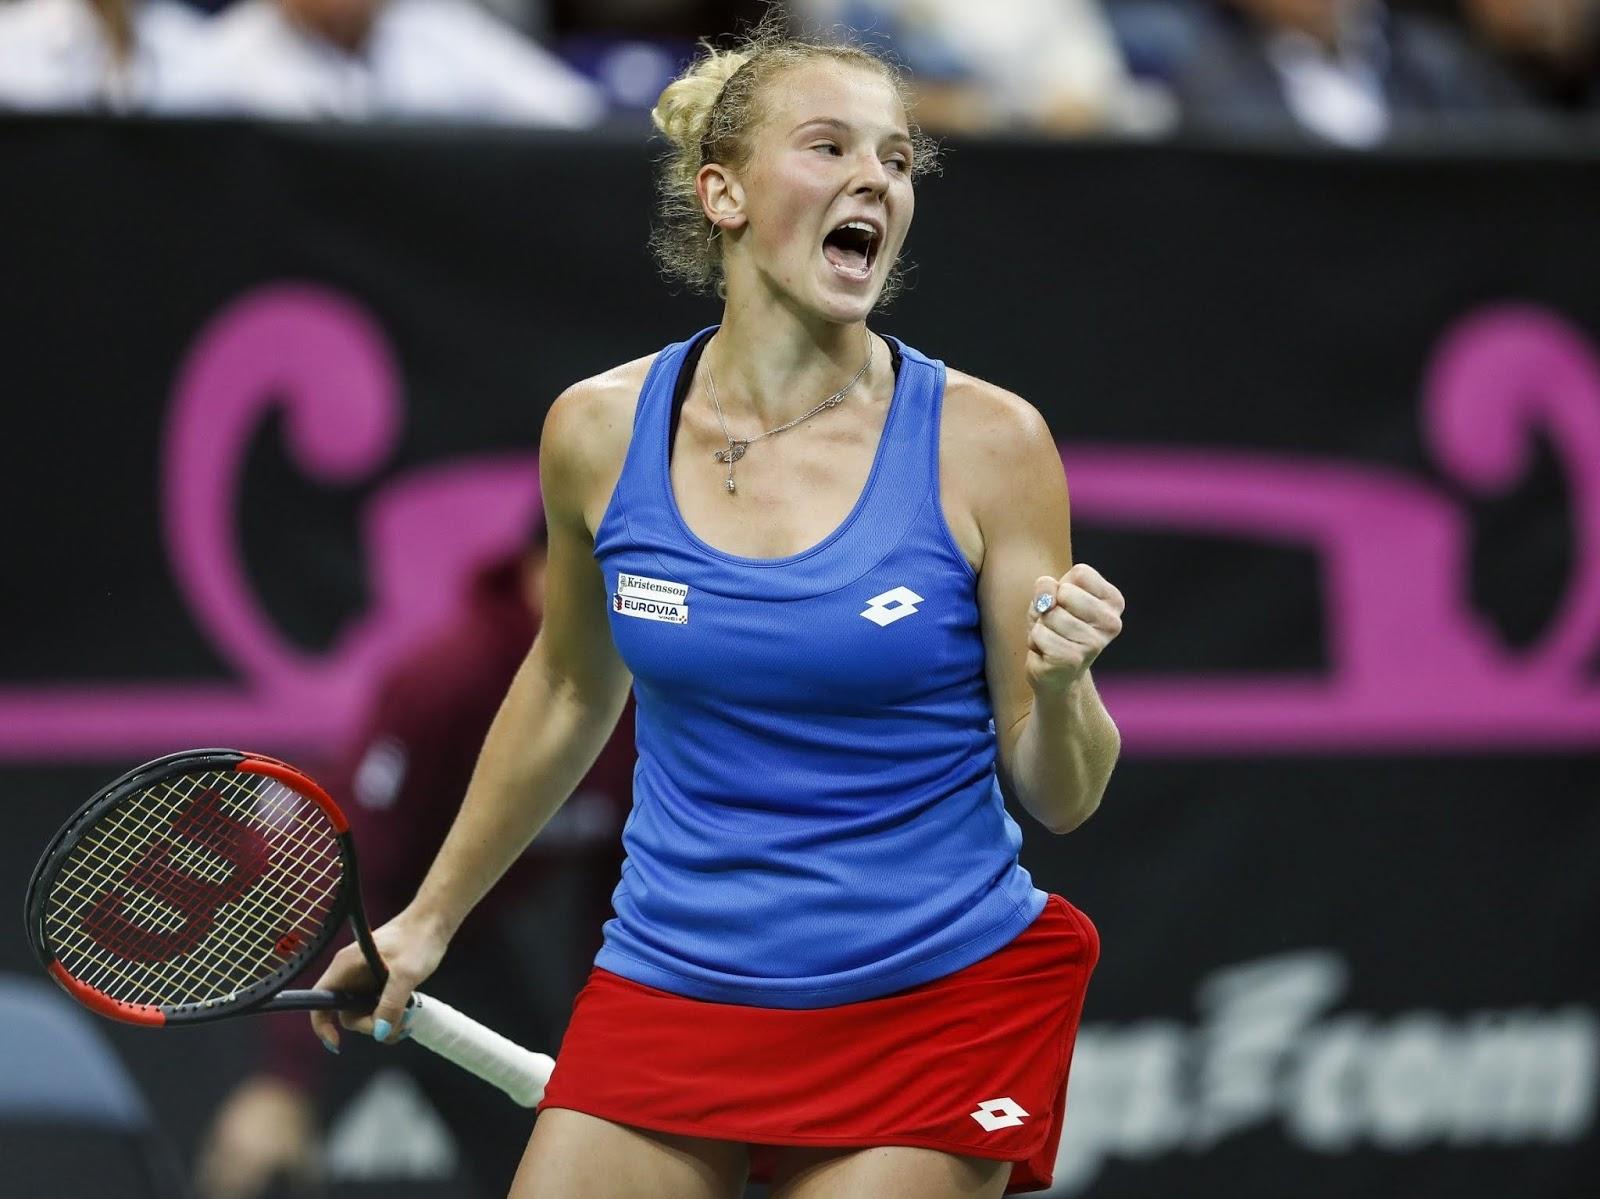 Finale Fed Cup, Repubblica Ceca-Stati Uniti 2-0 dopo la prima giornata